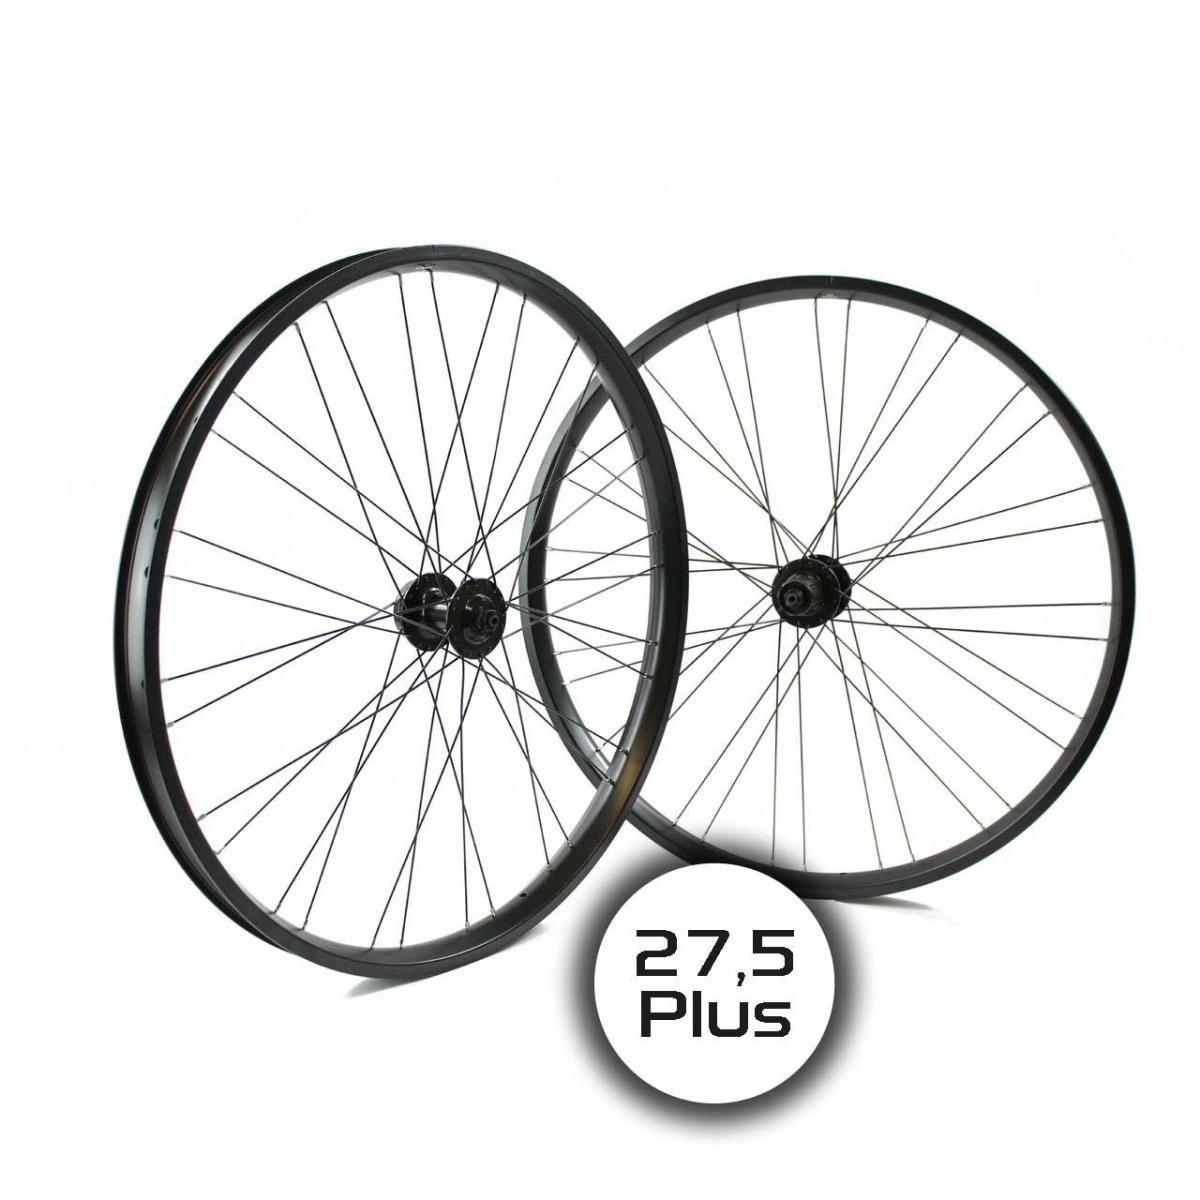 Ridewill Bike Paar Räder MTB 27,5 + Plus Optisches 8 – 10 Geschwindigkeit Schwarz (Räder MTB) Pair Wheel MTB 27,5 + Plus Disc 8 – 10 Speed schwarz (MTB Wheel)